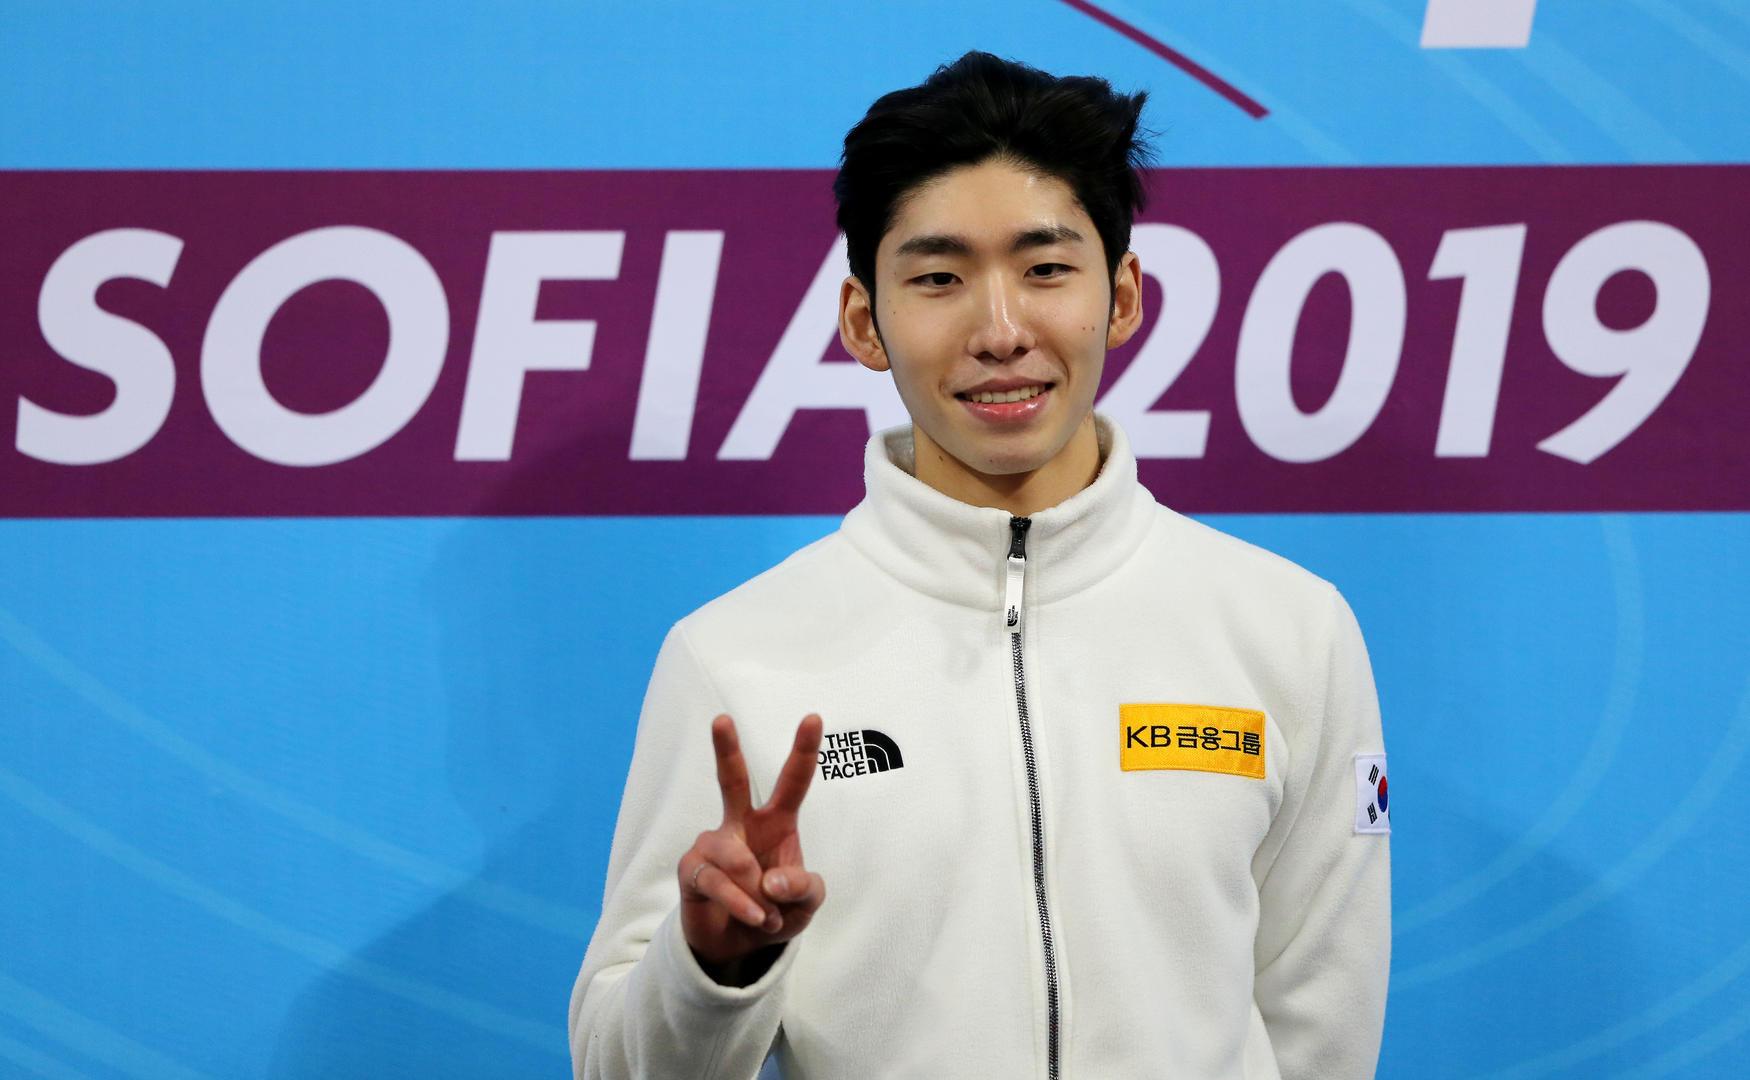 韩国短道速滑奥运冠军被曝入籍中国 经纪公司回应图片